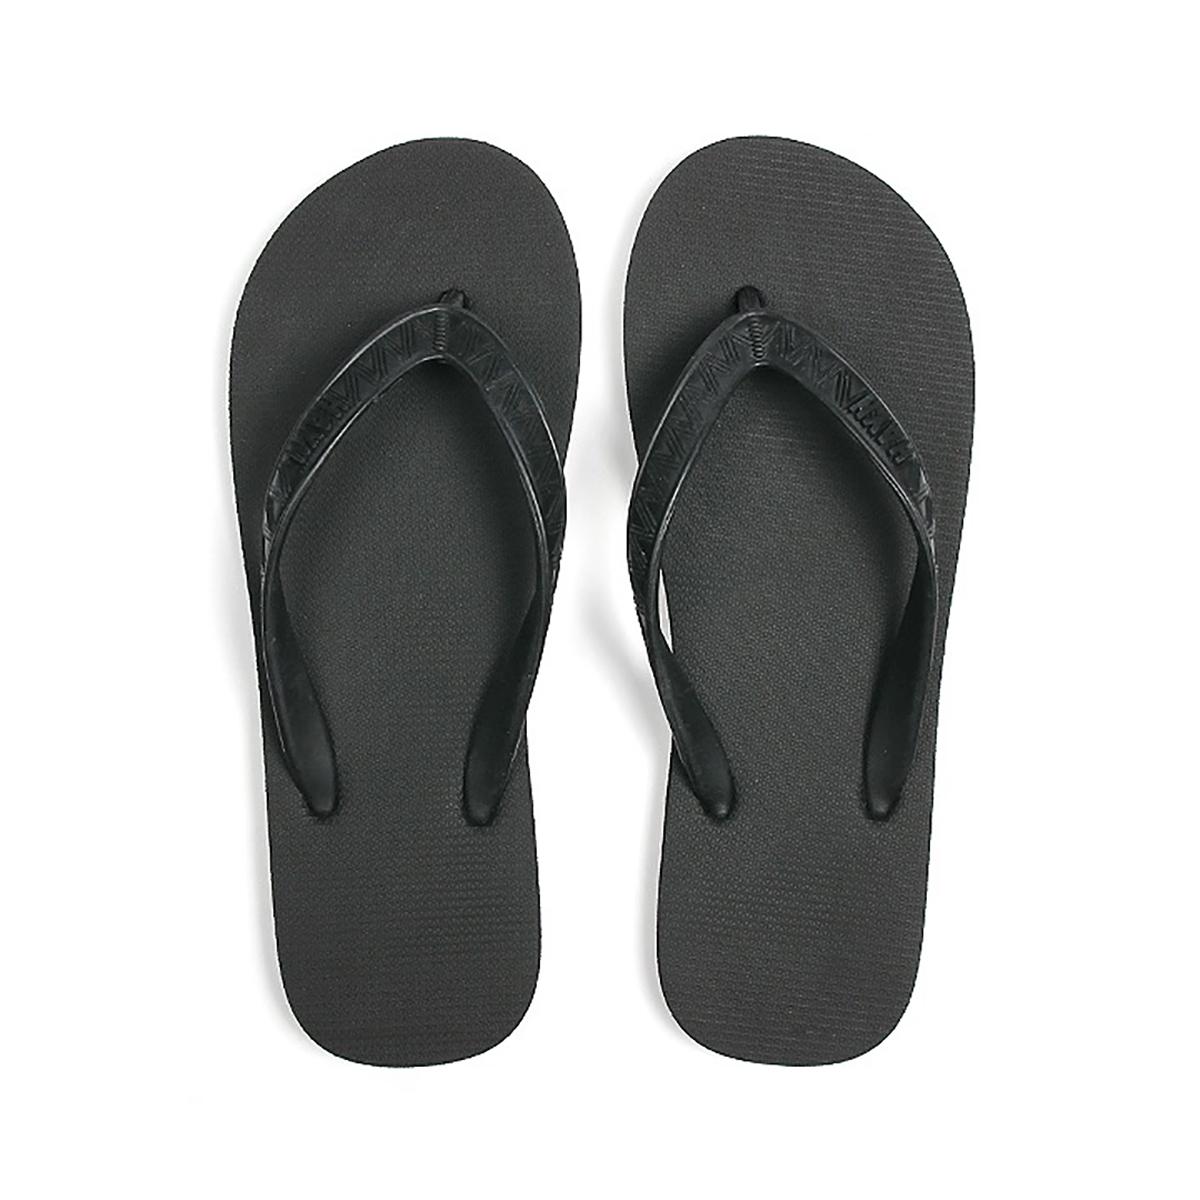 ハワイ生まれのLOHASなビーチサンダル|CORE (MEN) Lava Rock | 足も心も気持ちいい、ハワイ生まれのビーチサンダル